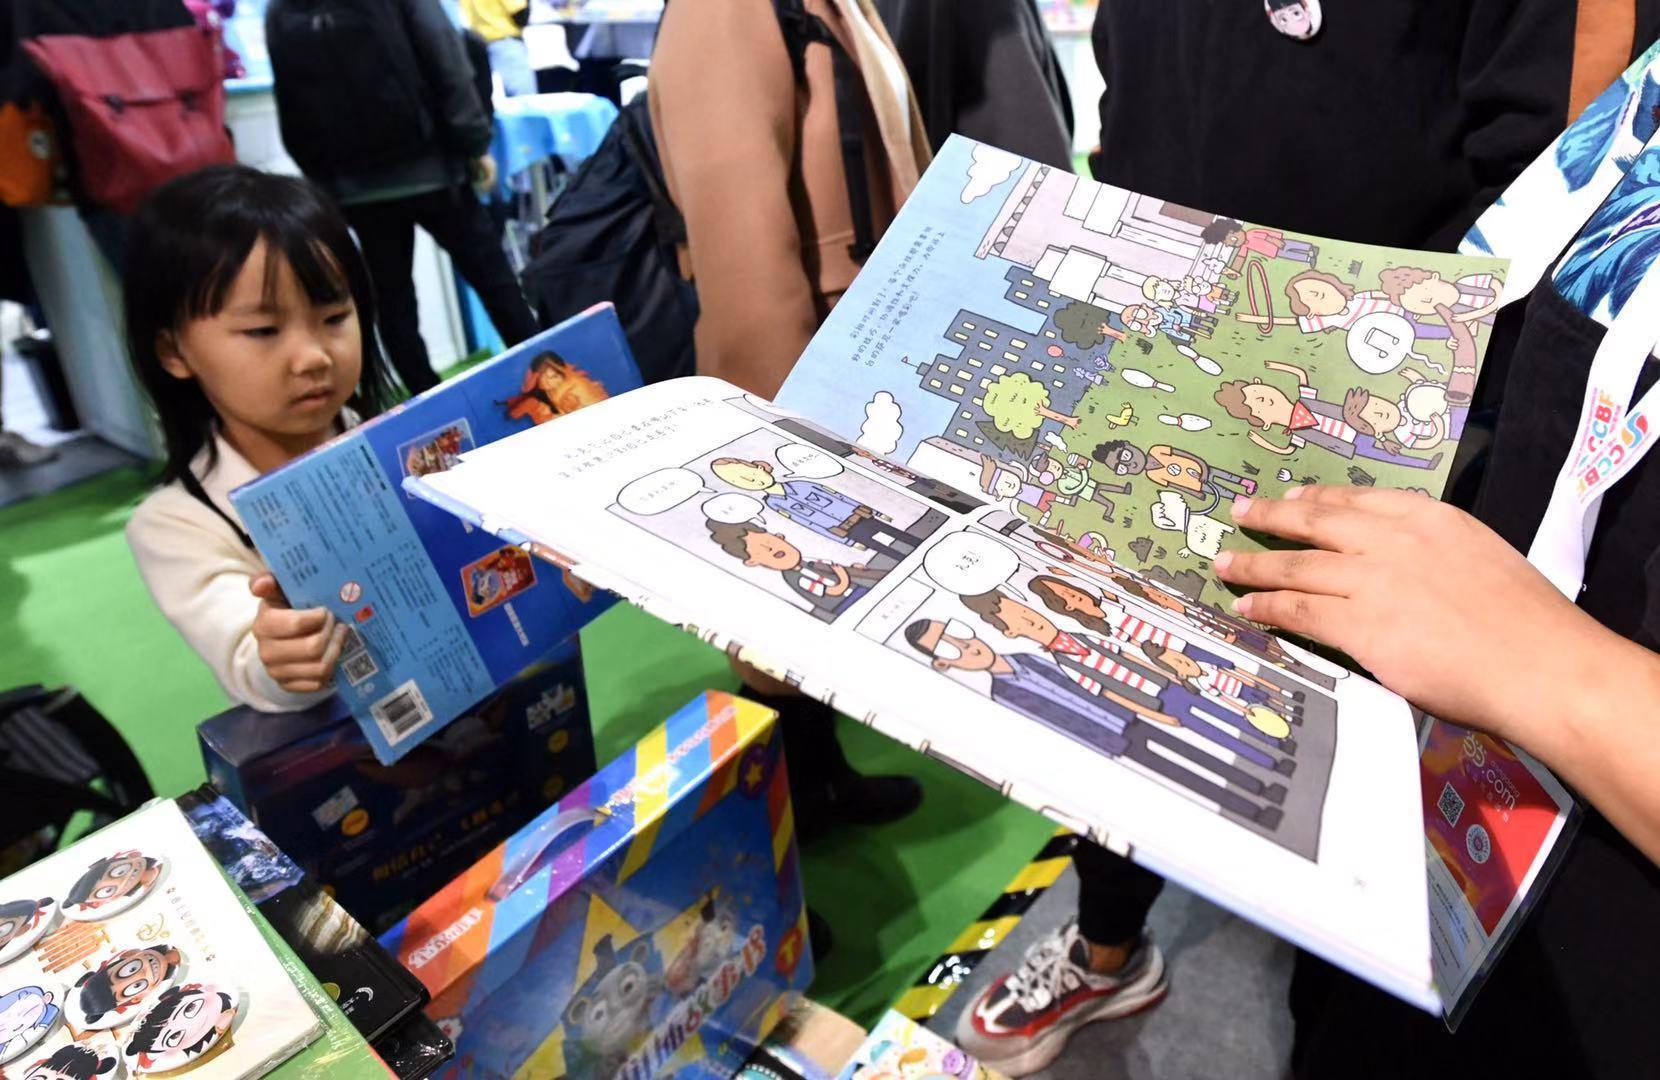 """对标国际一流,打造全球品牌!三天童书展落幕,童书""""走出去""""收获颇丰"""